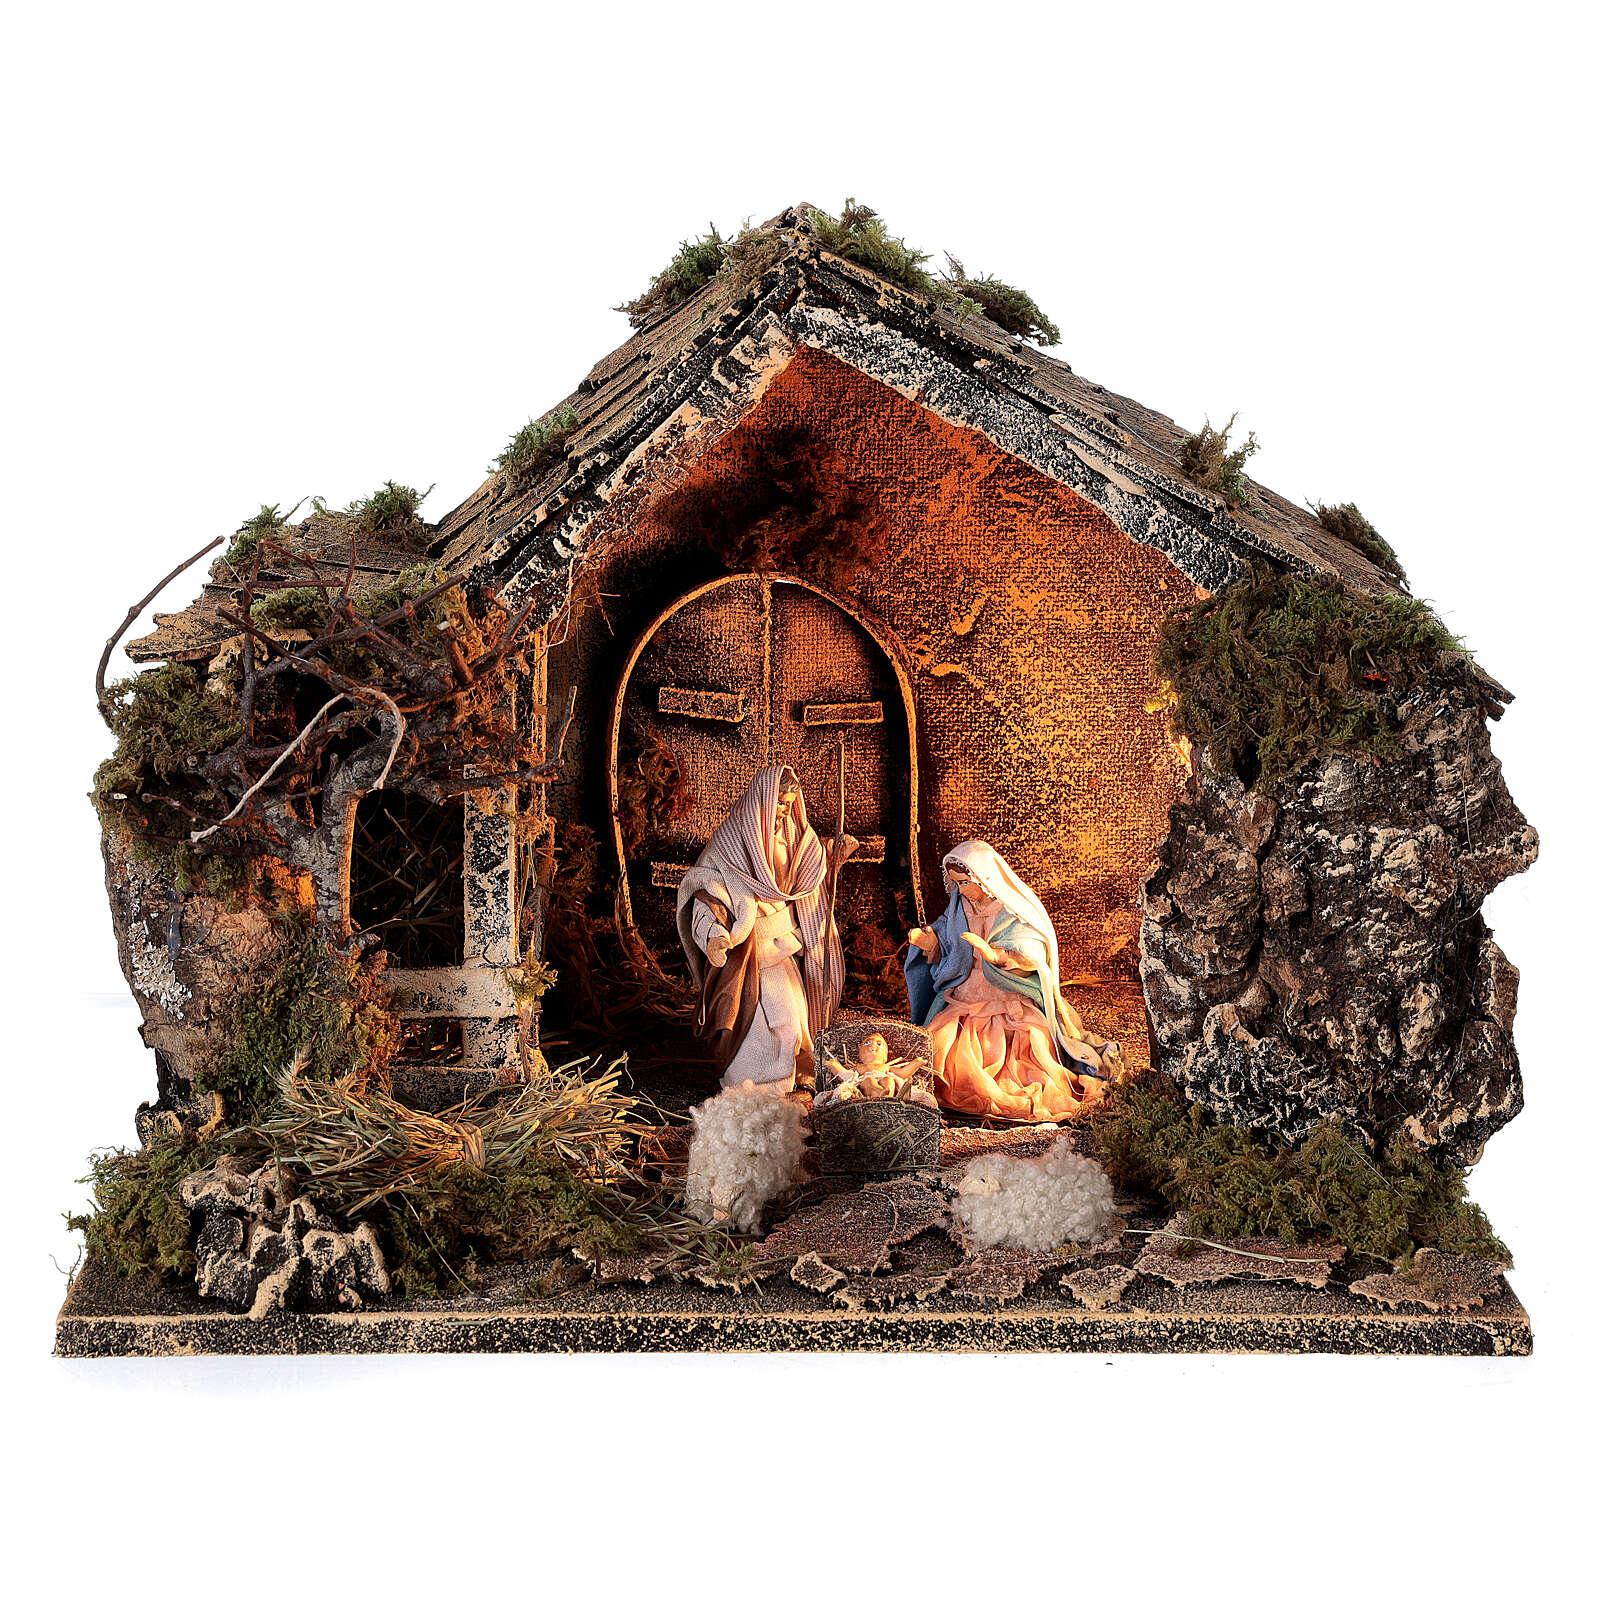 Cabana Natividade celeiro figuras altura média 10 cm presépio napolitano 30x36x27 cm 4